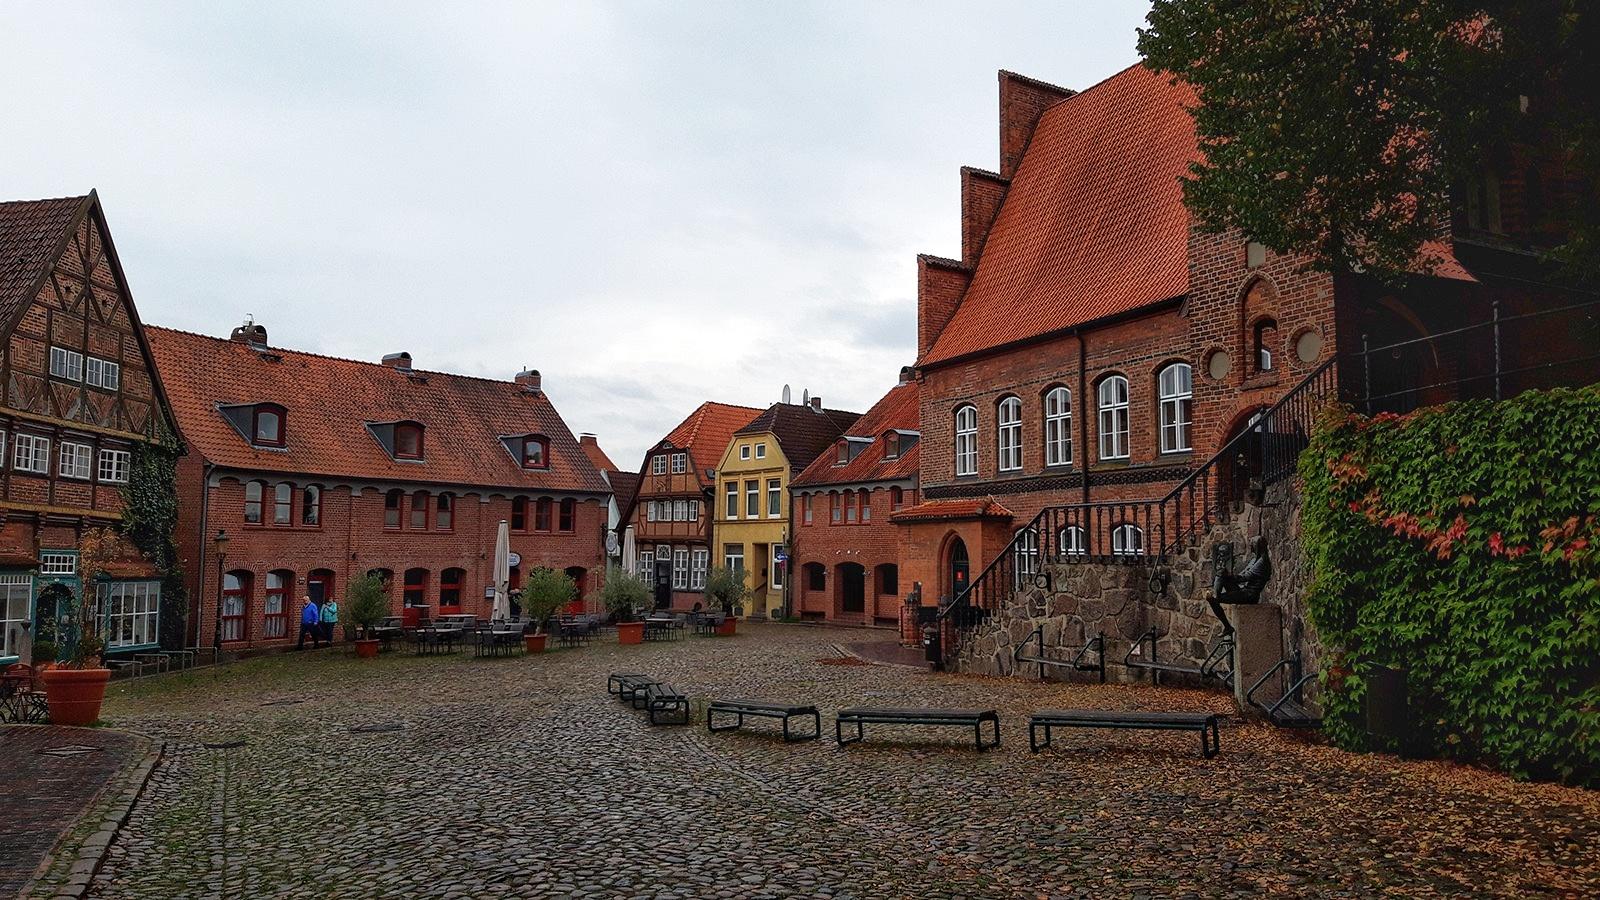 Marktplatz in Mölln